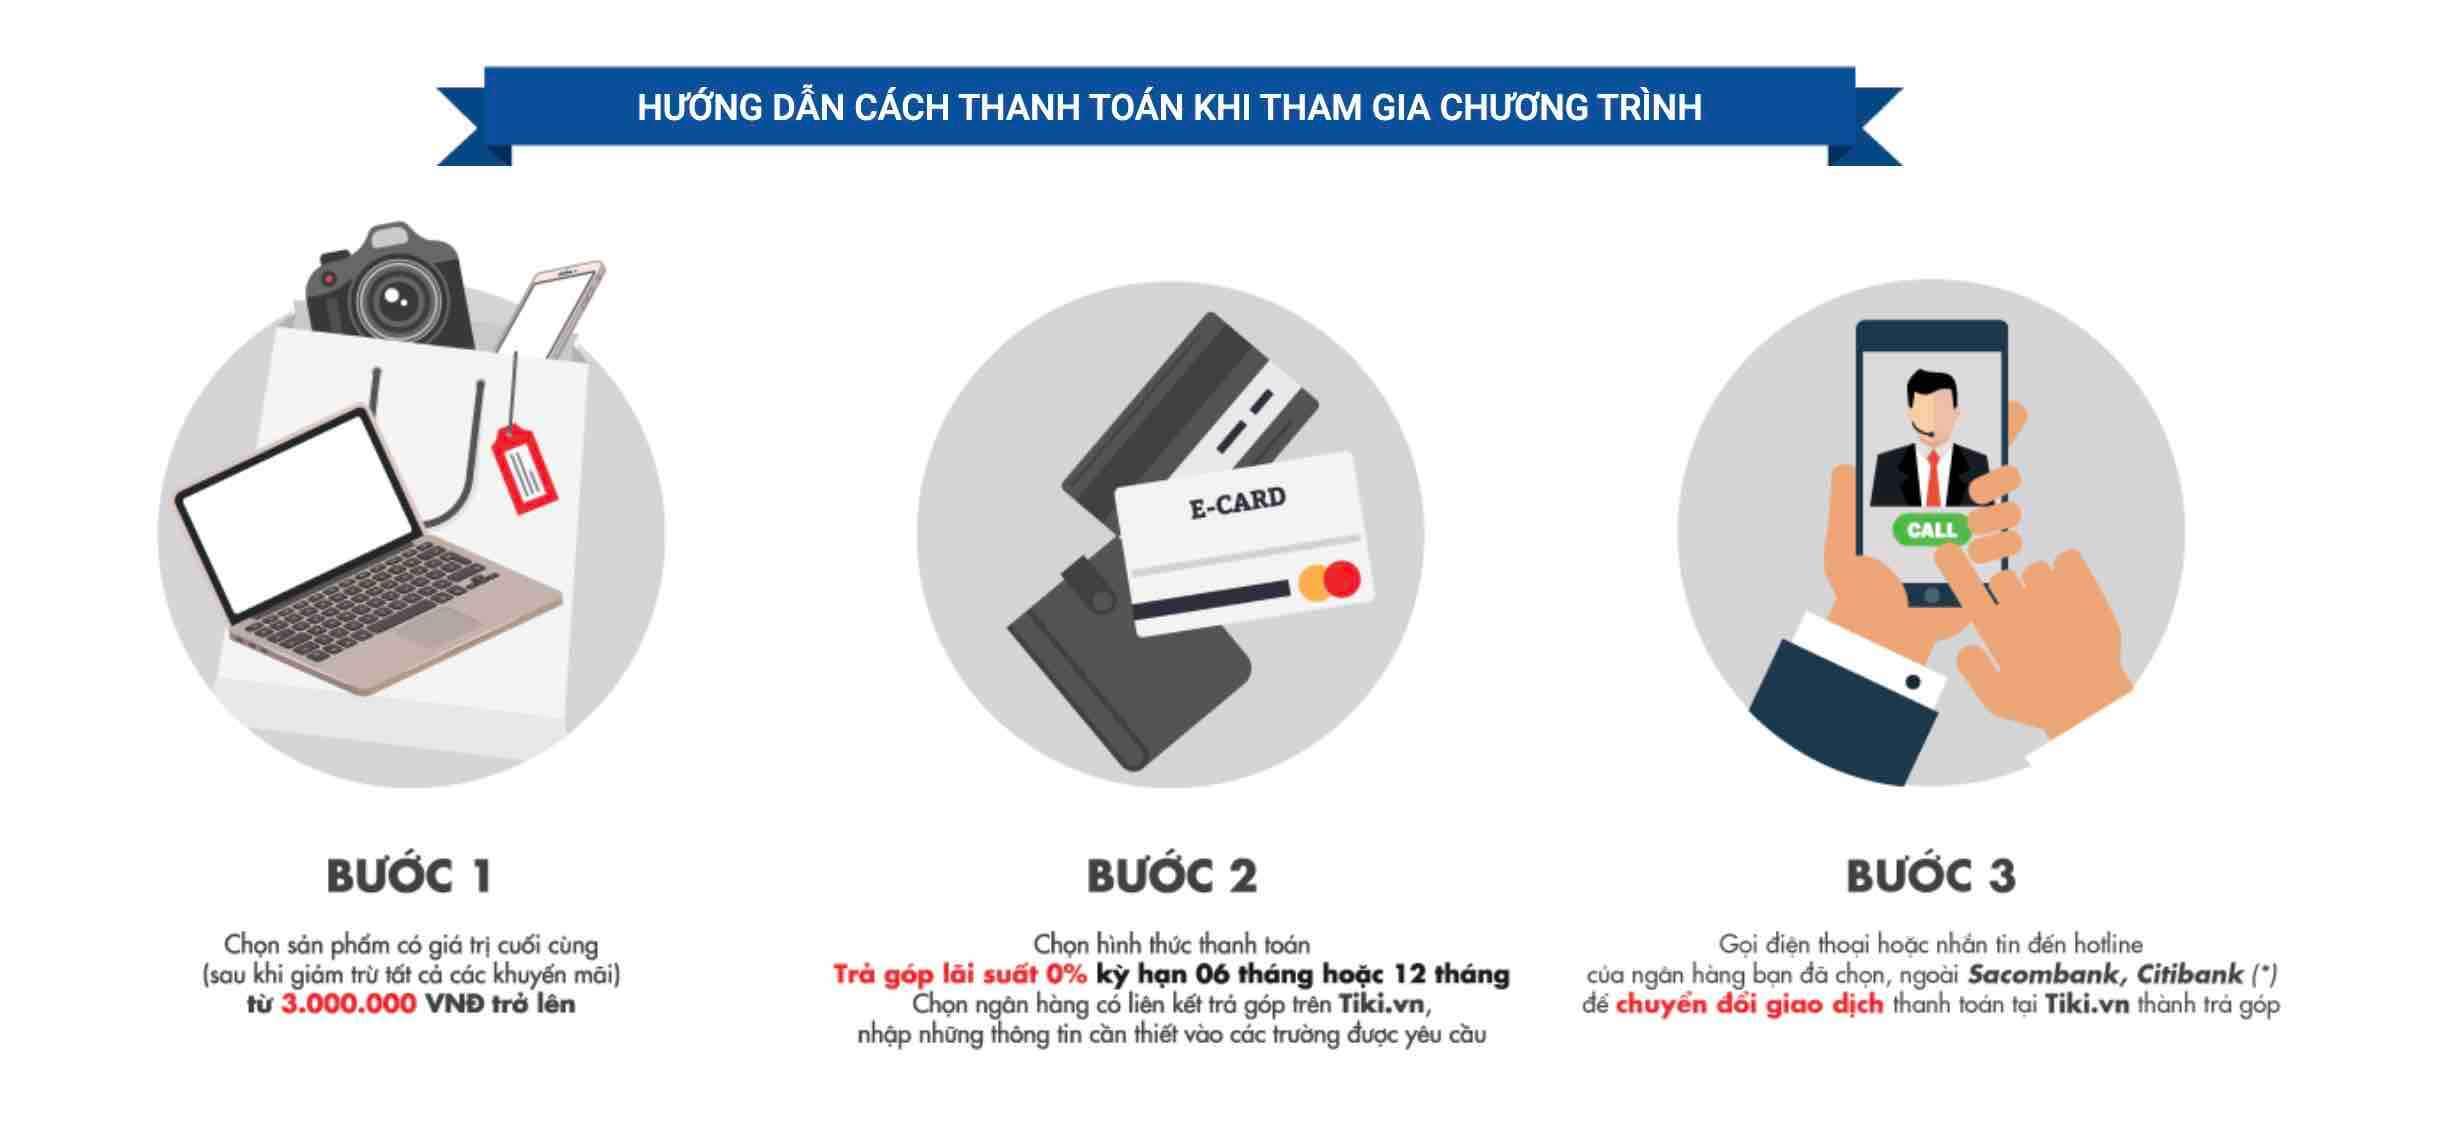 Quy trình mua hàng trả góp trên Tiki